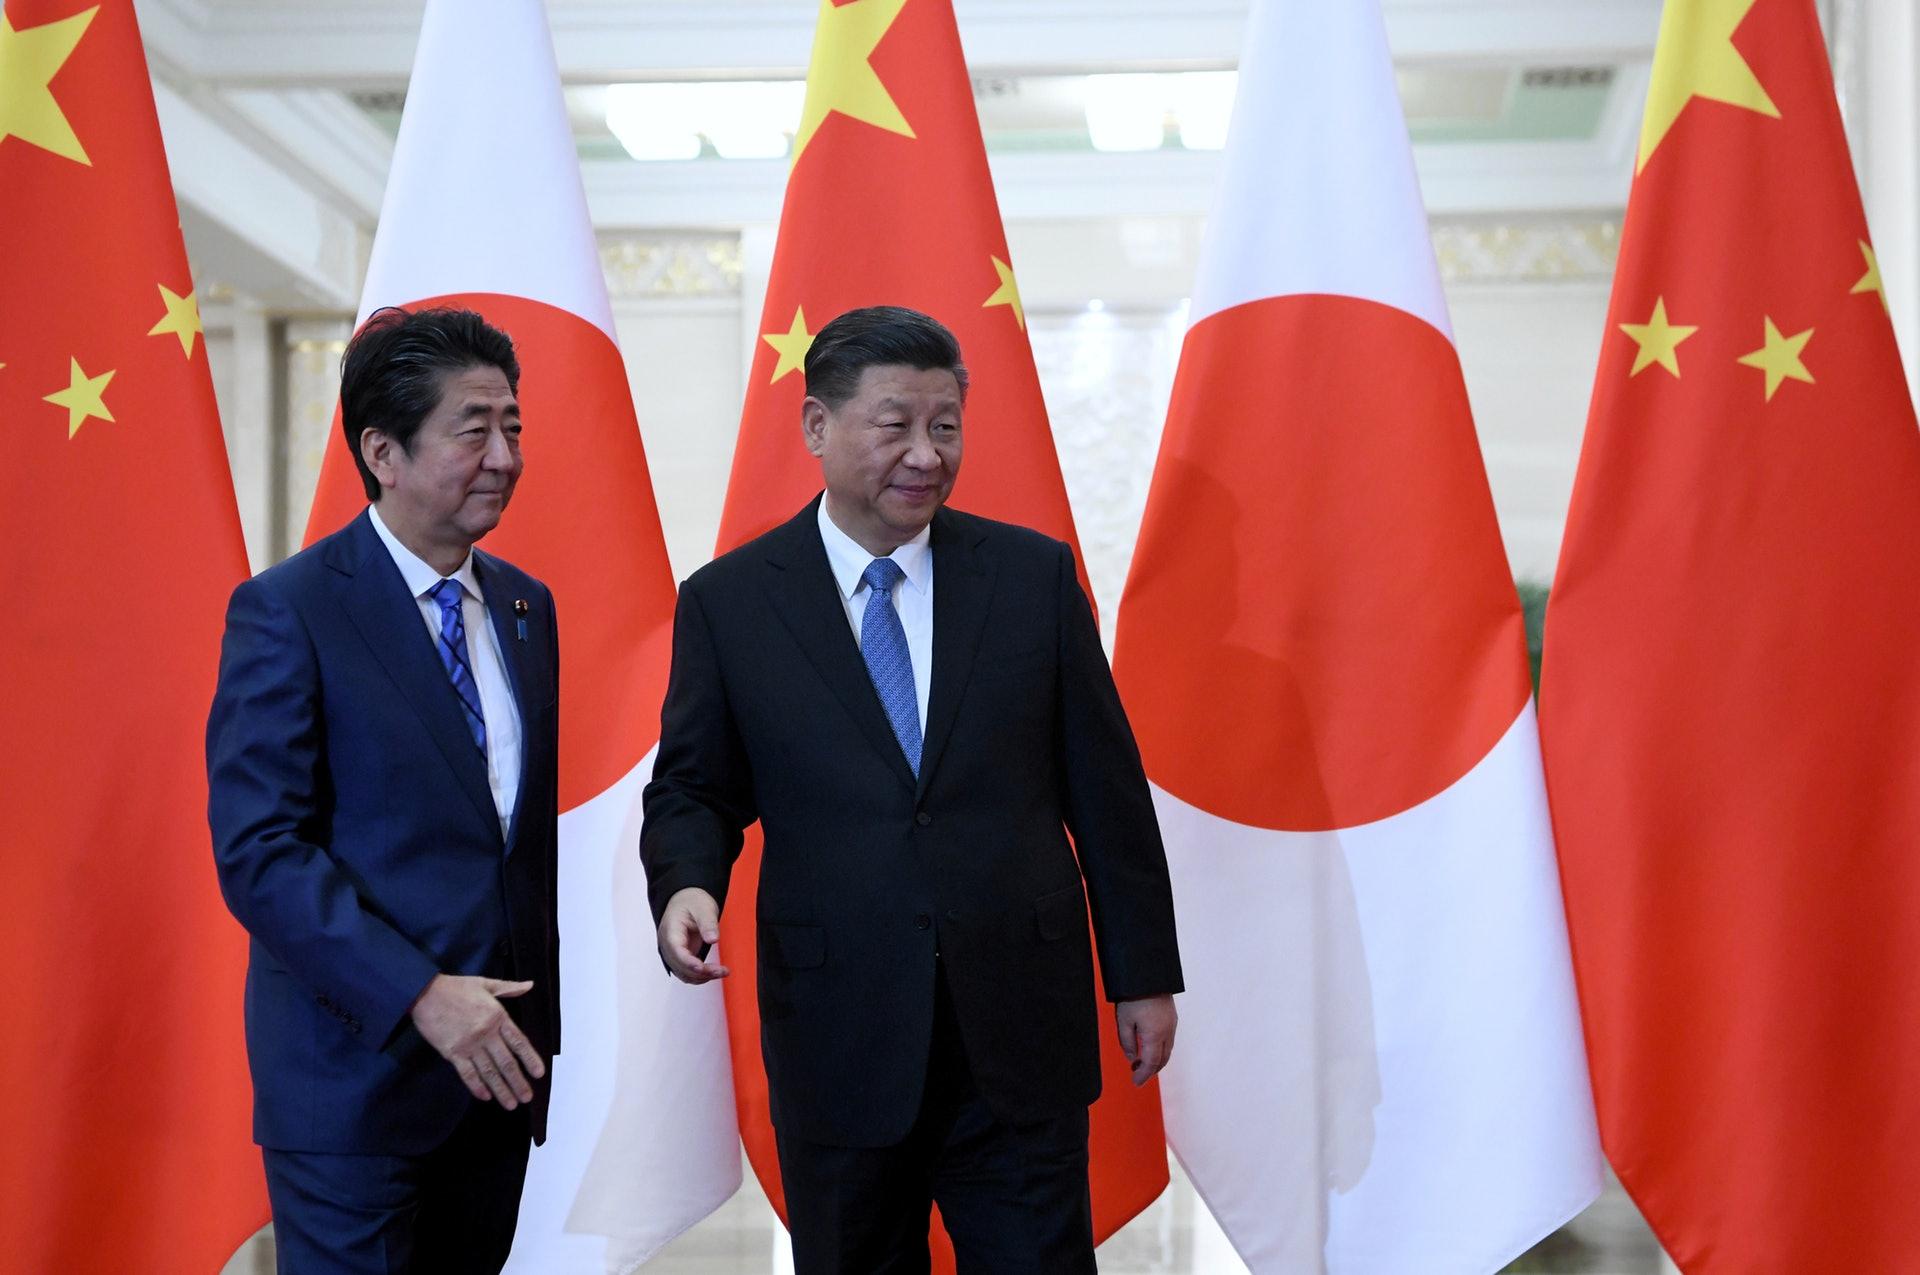 中國國家主席習近平在北京人民大會堂接見5訪的日本首相安倍晉三。(Reuters)